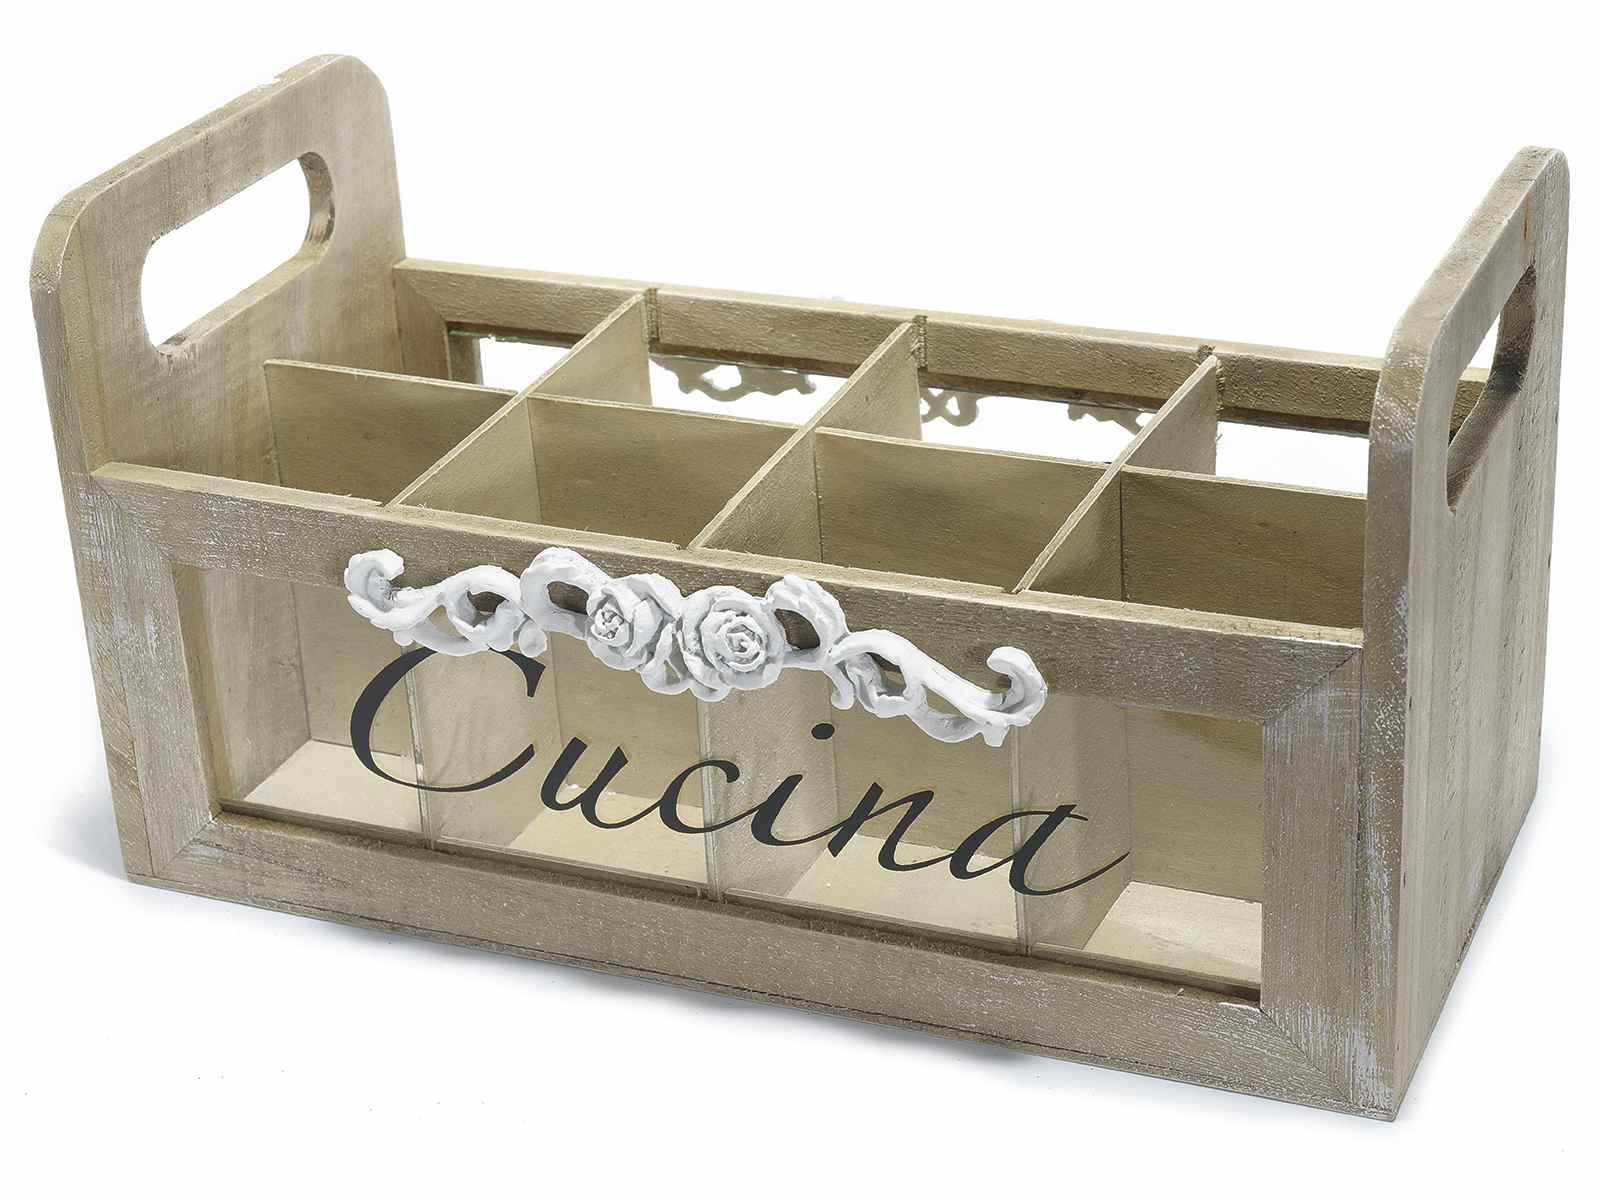 Antica soffitta contenitore portautensili porta utensili for Utensili cucina online shop